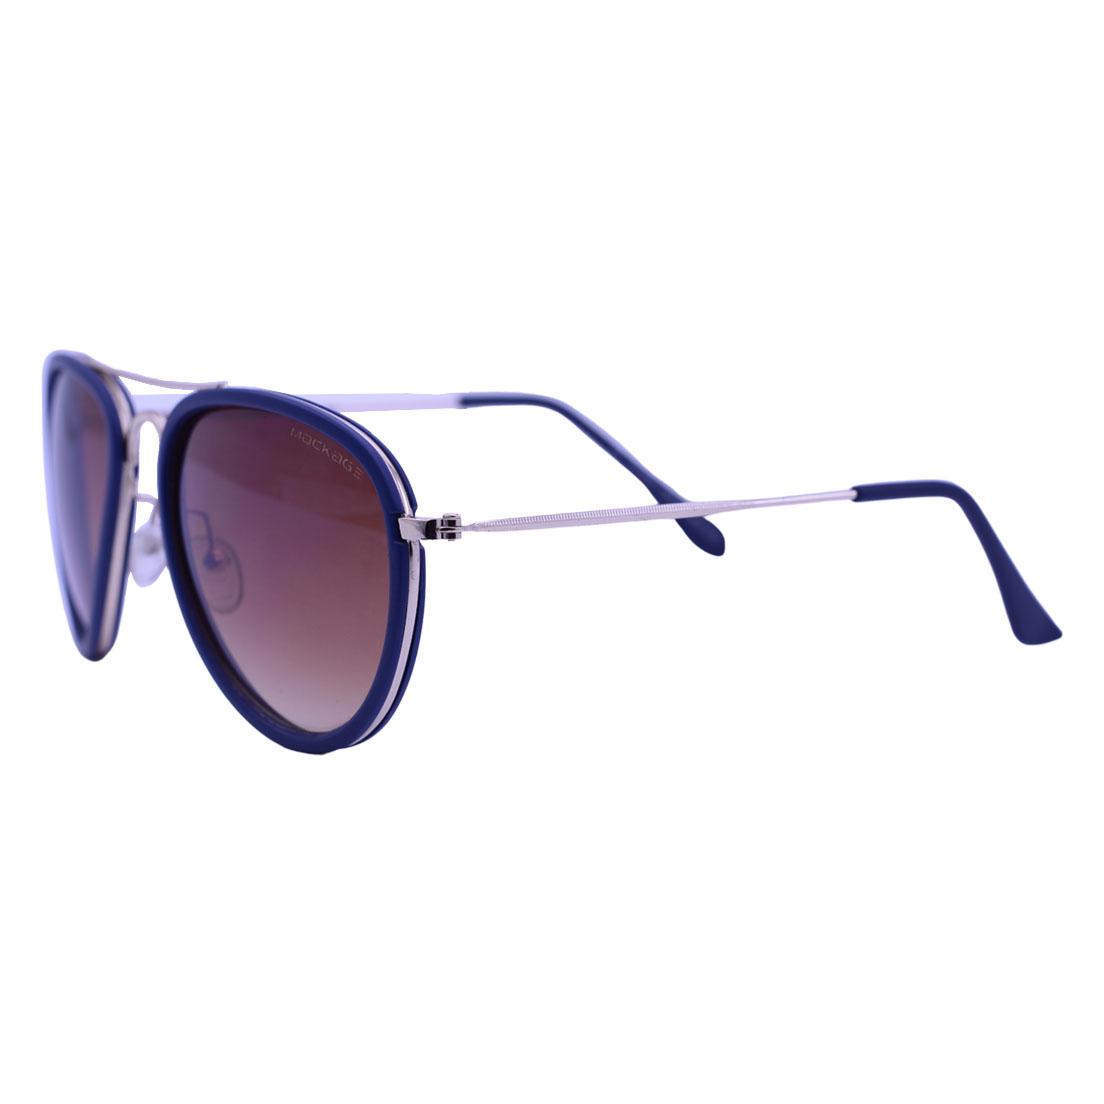 Óculos De Sol Mackage Unissex Metal Aviator - Dourado/Azul